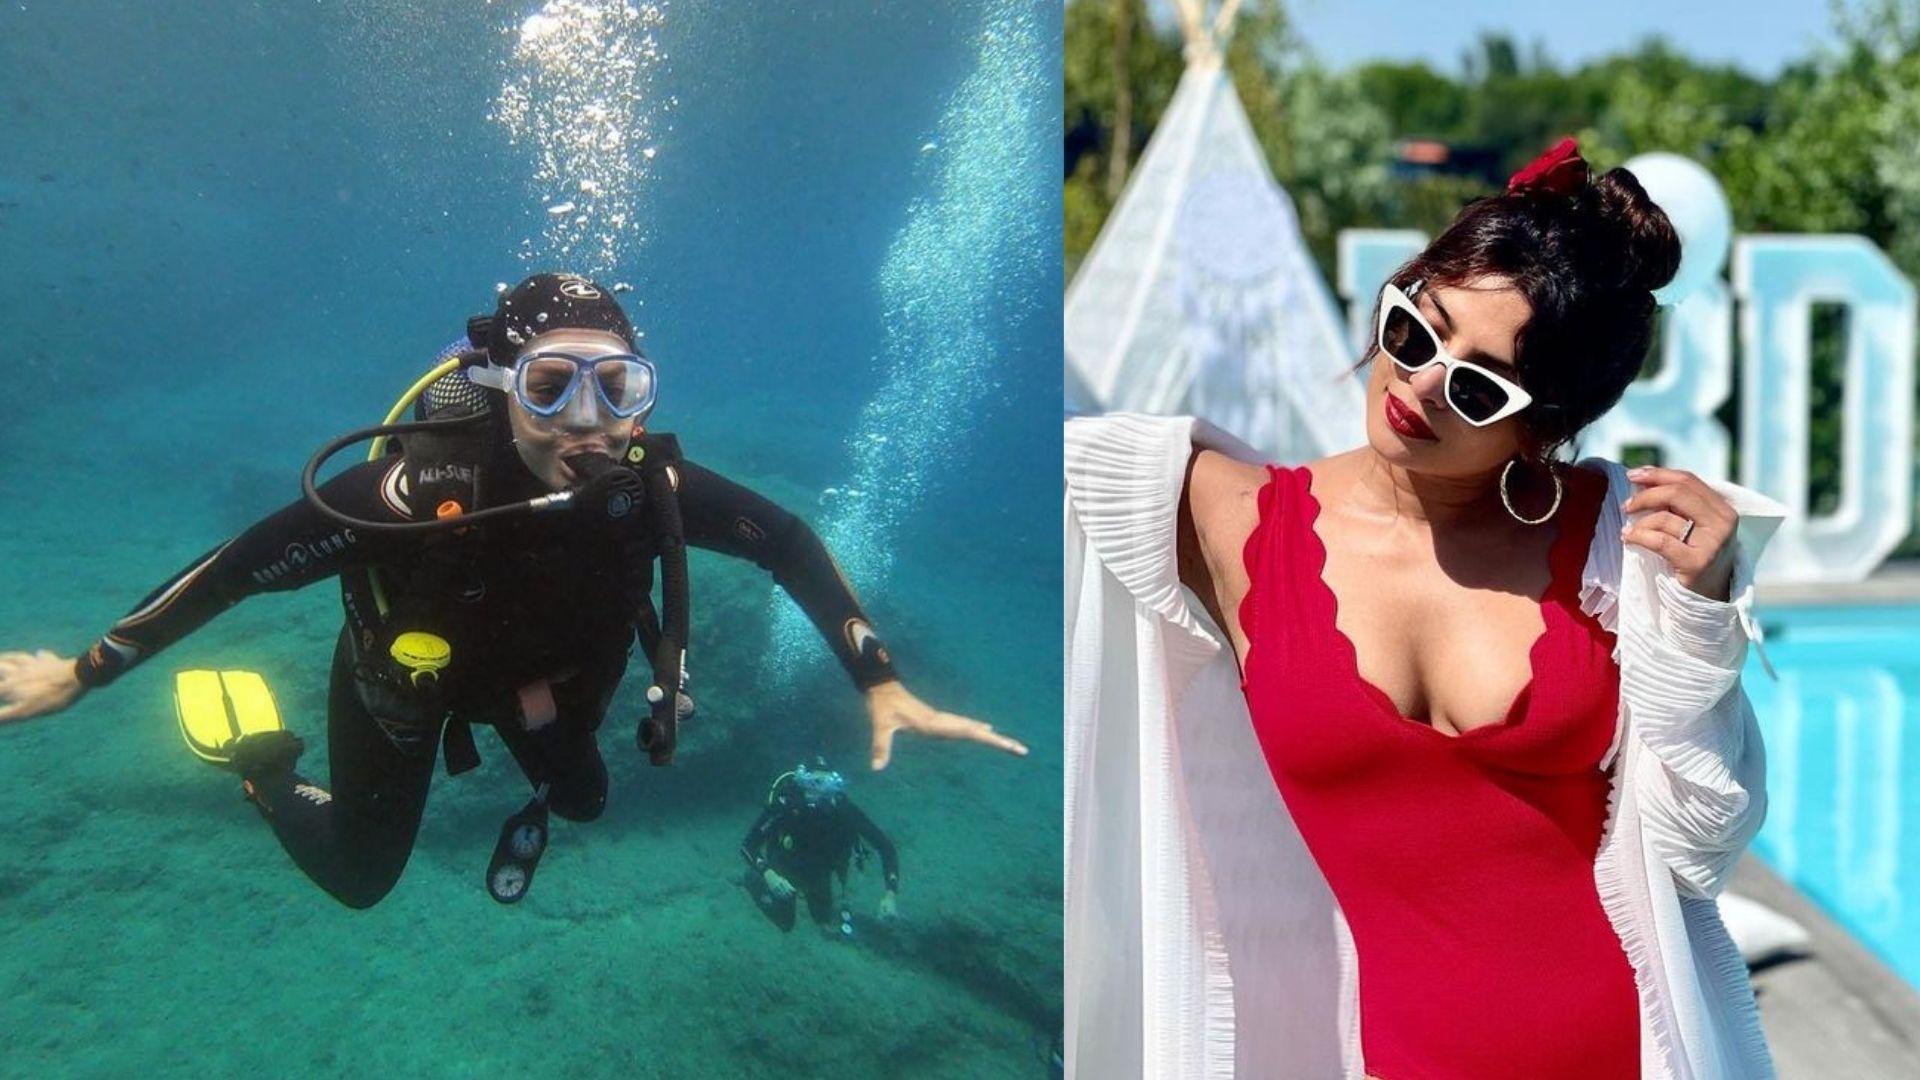 Priyanka Chopra Jonas Explores 'Glorious Underwater Creations Of God' In Blue Waters Of Spain; See What Parineeti Chopra Has To Say